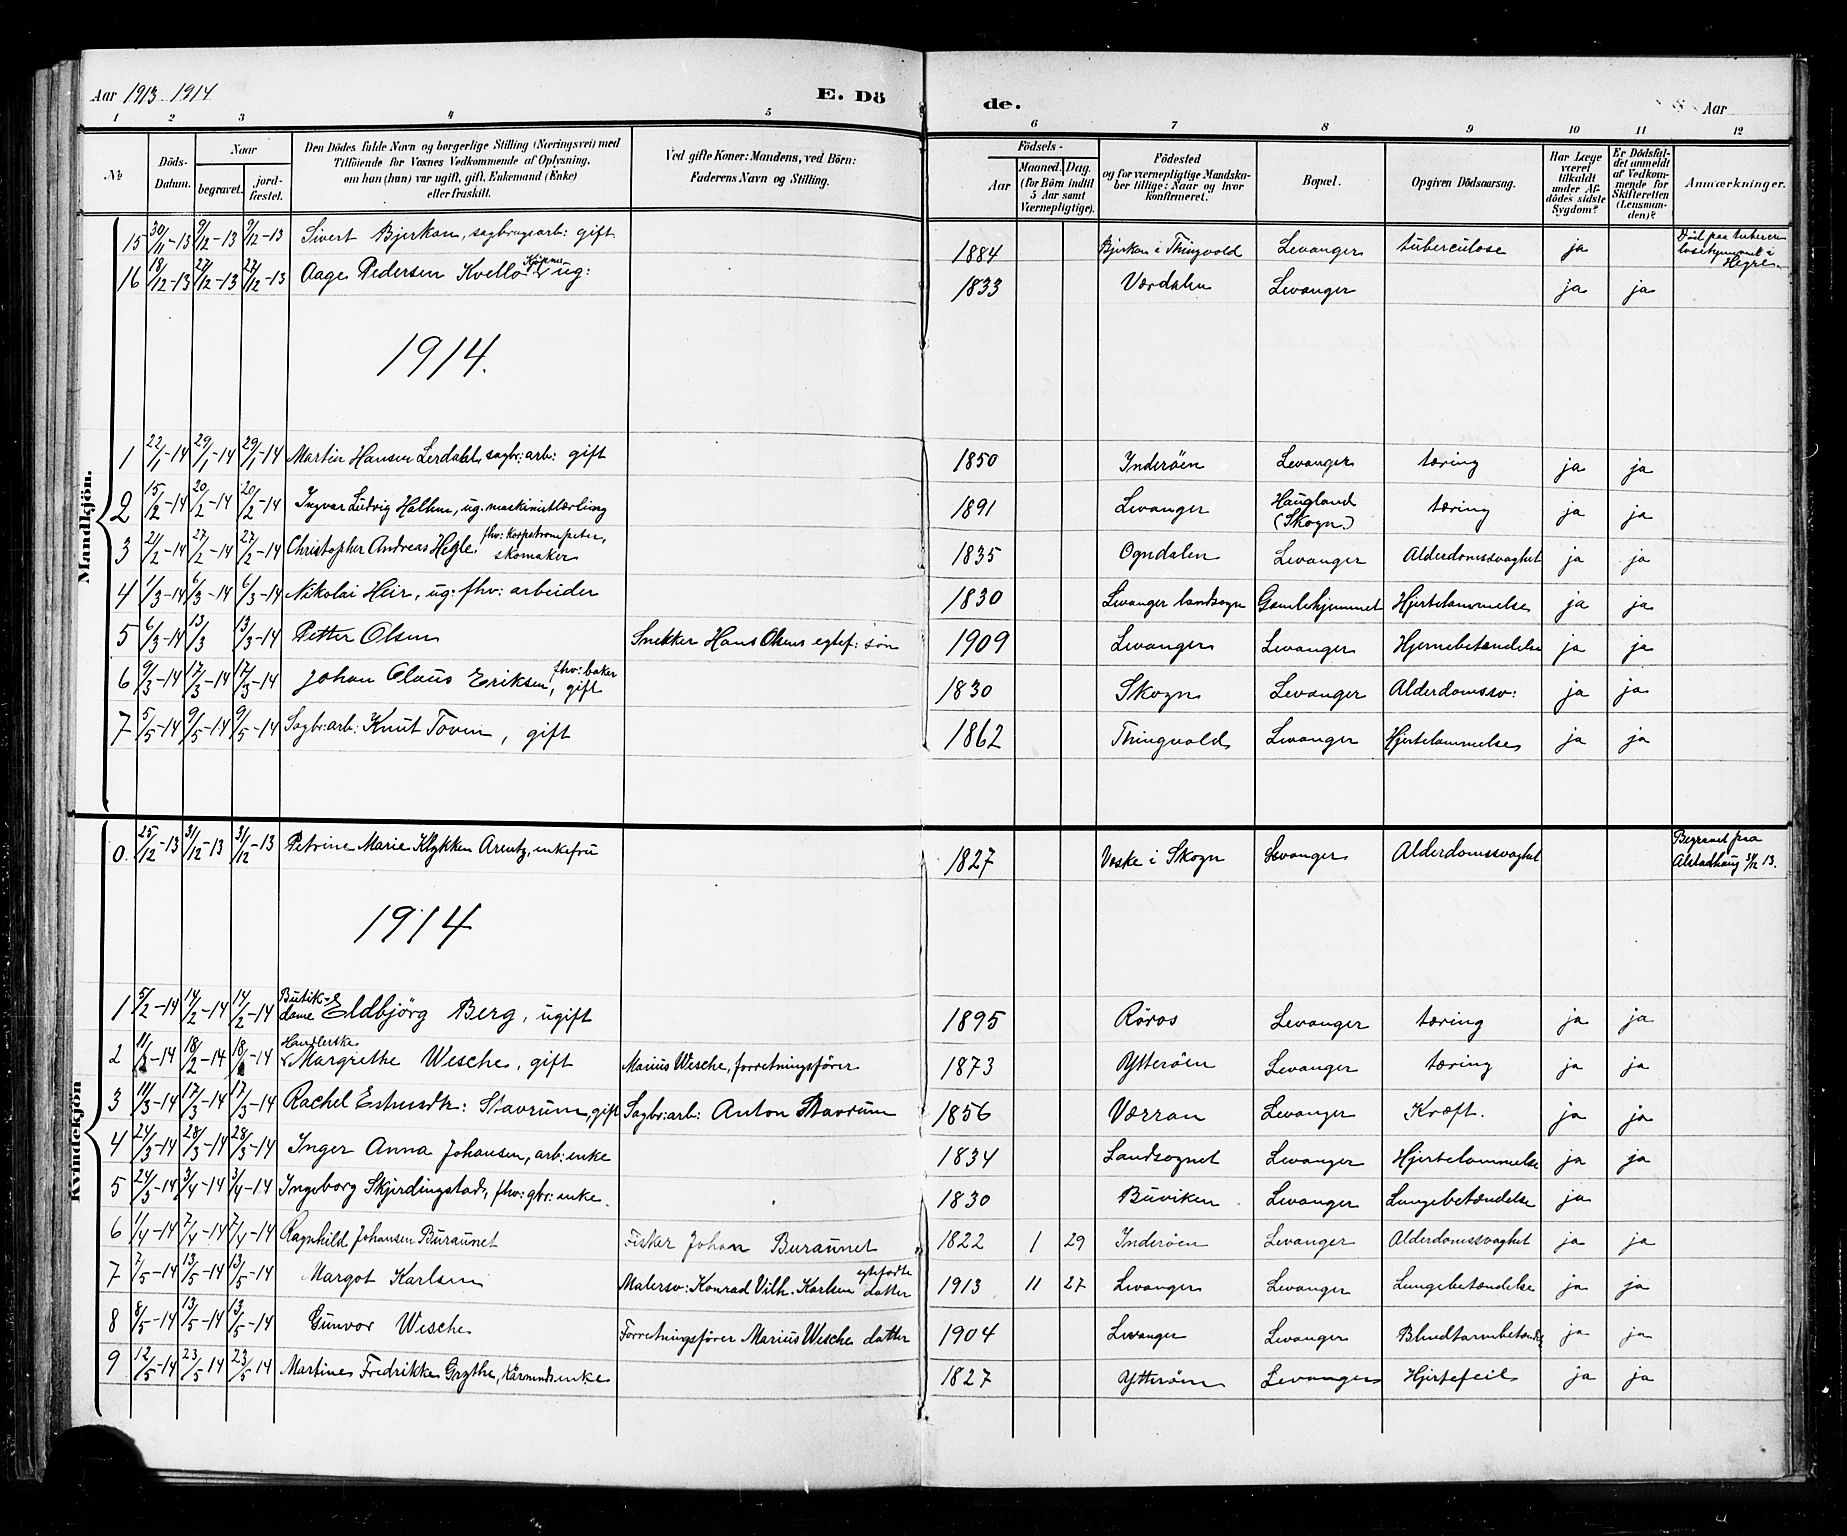 SAT, Ministerialprotokoller, klokkerbøker og fødselsregistre - Nord-Trøndelag, 720/L0192: Klokkerbok nr. 720C01, 1880-1917, s. 124l